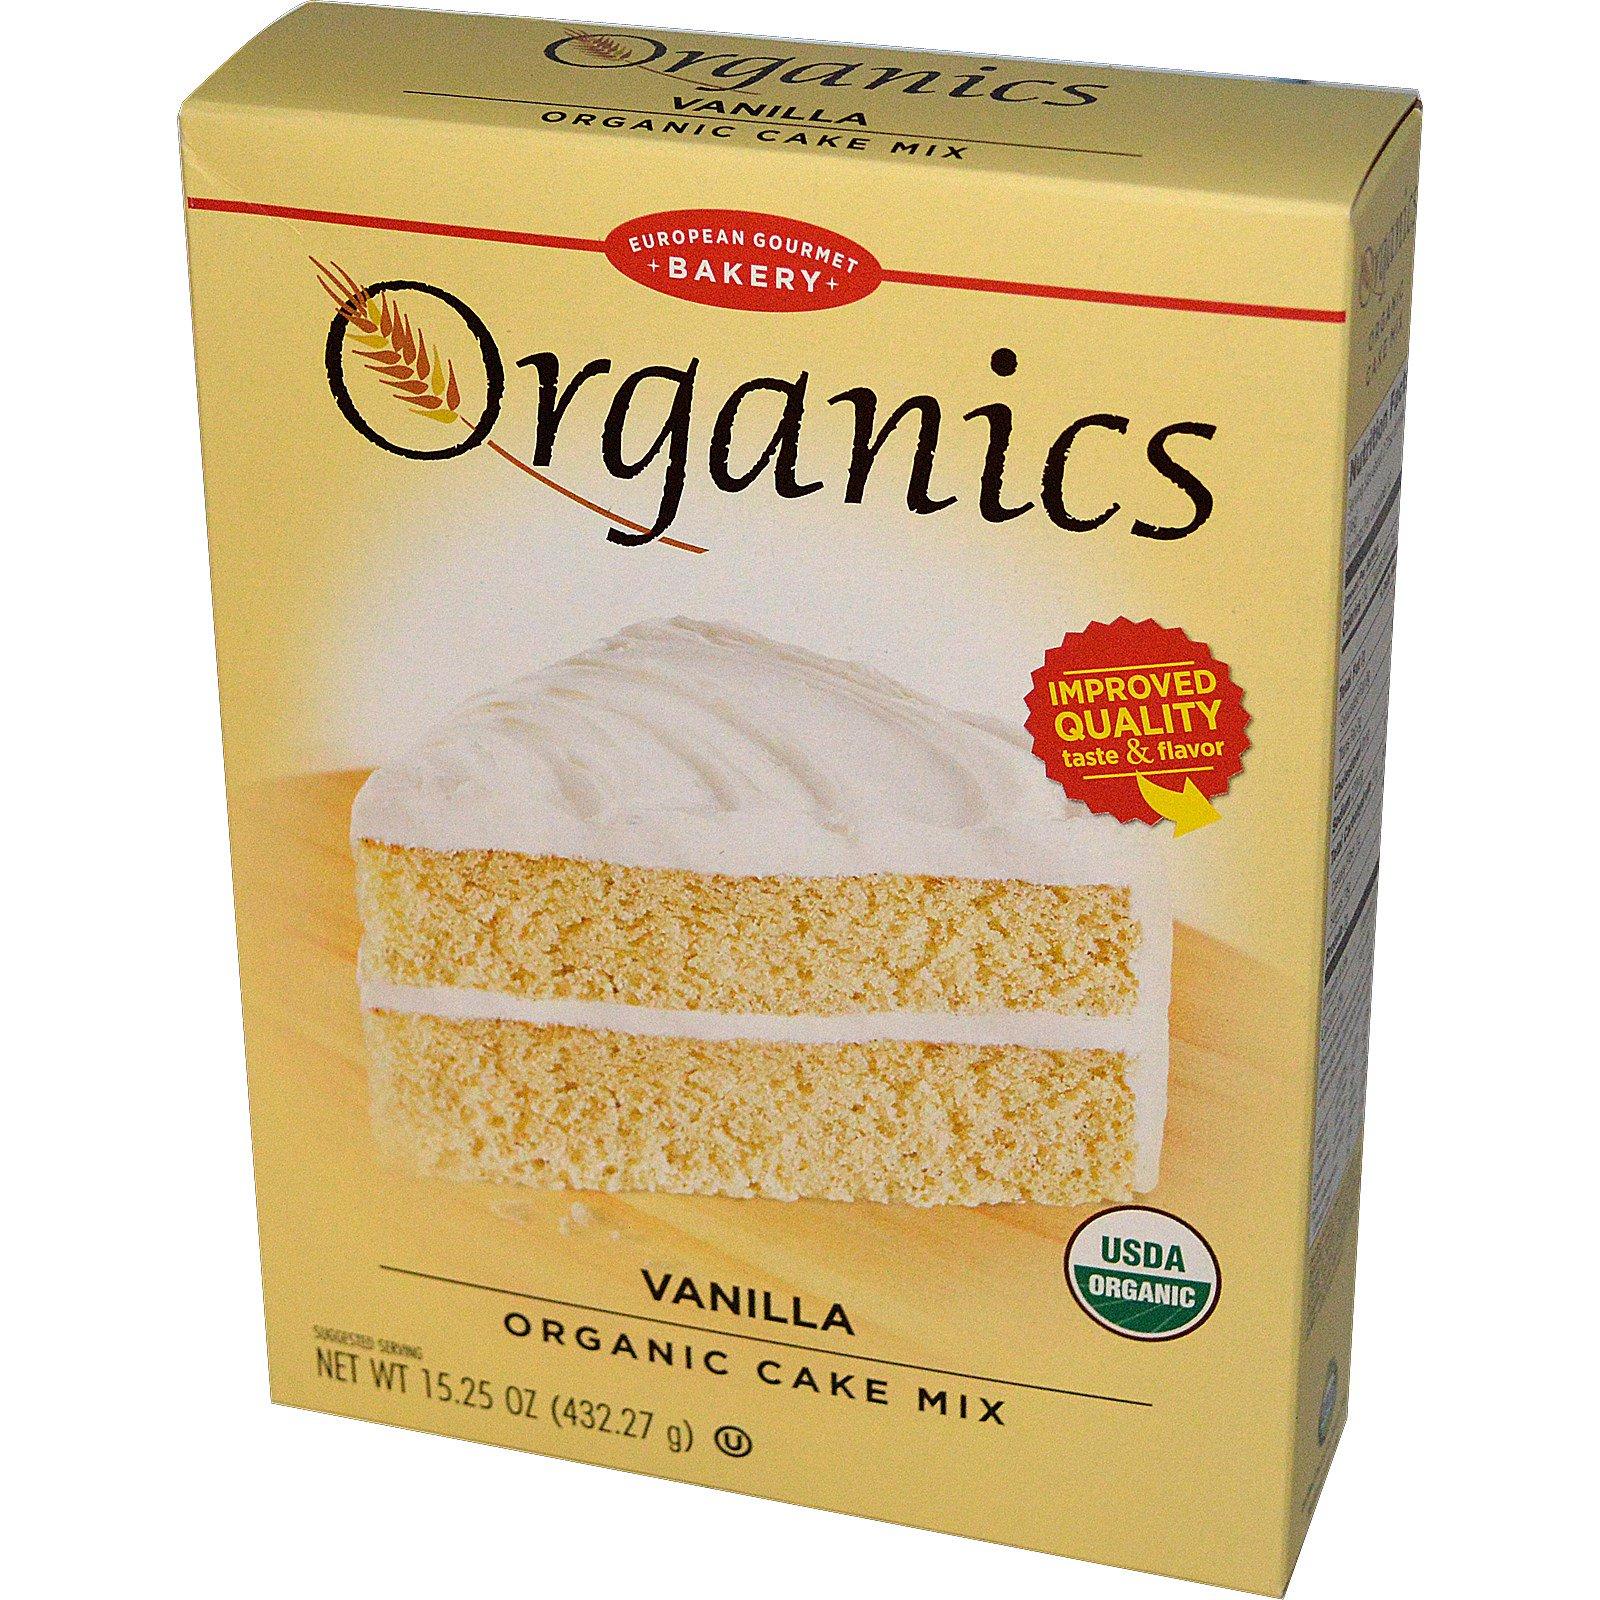 European Gourmet Bakery, Organics, Органическая Смесь для Ванильного Пирога 15.25 унции (432.27 г)